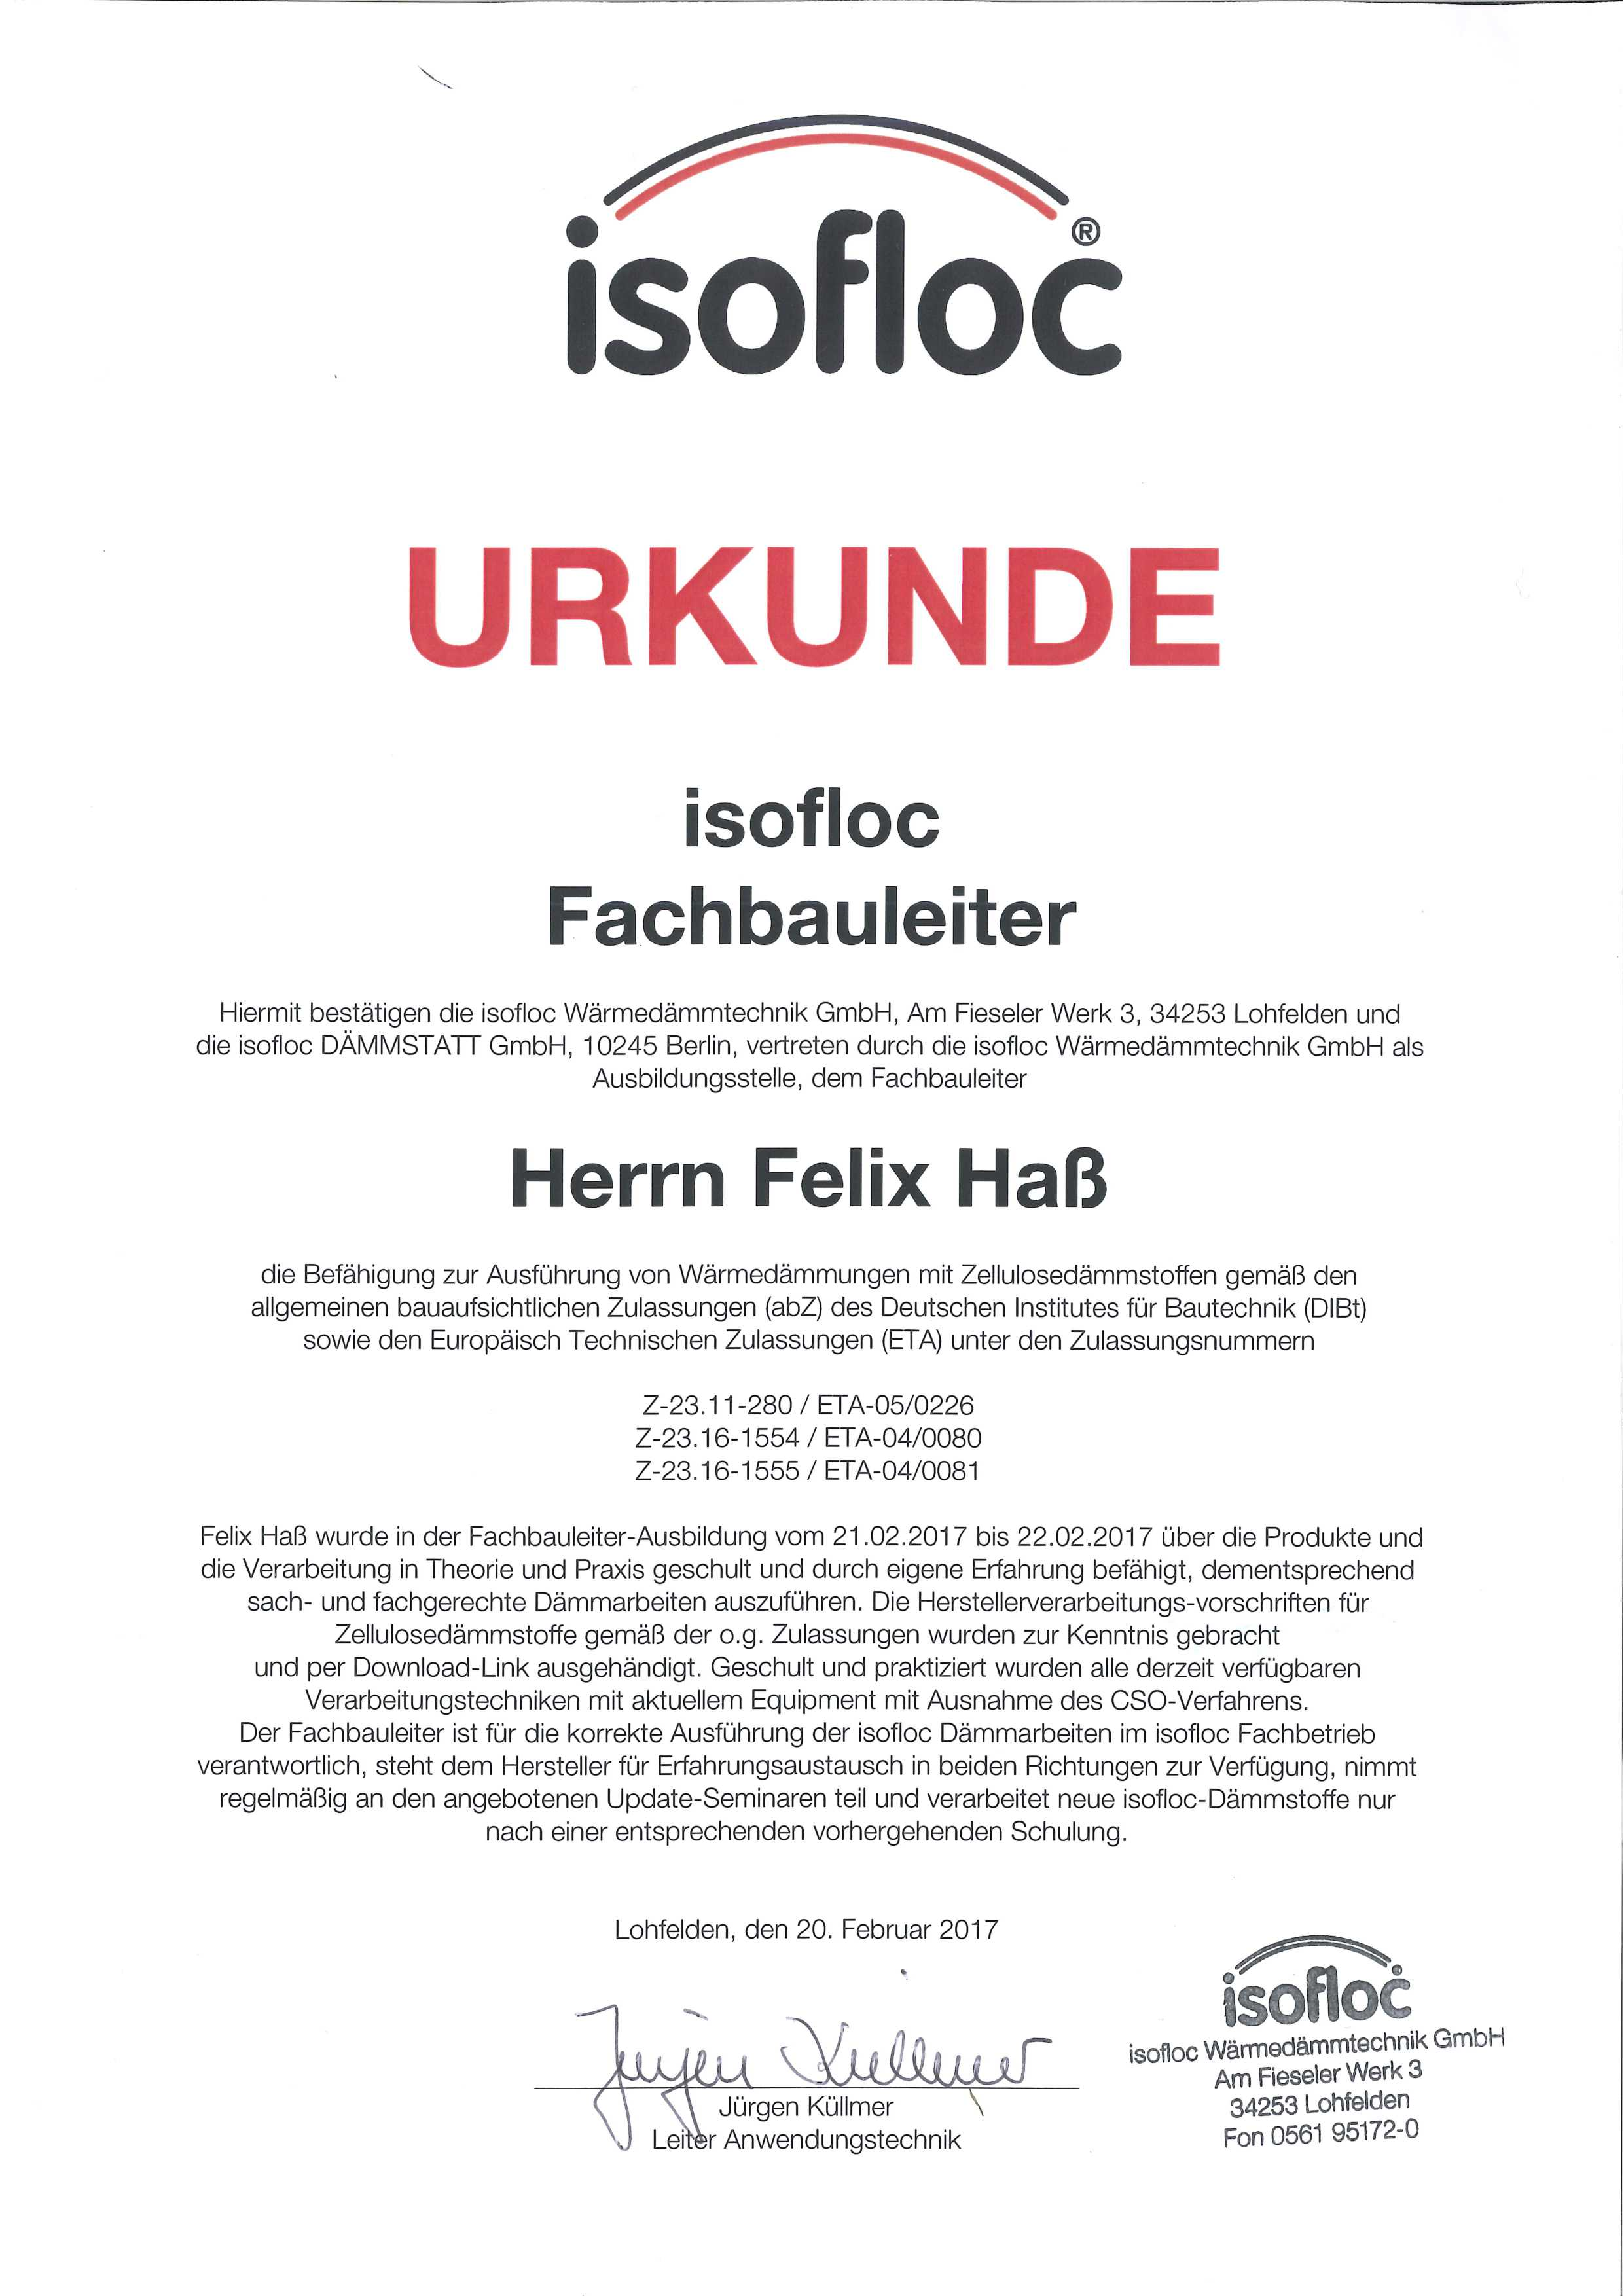 Relativ Zellulose / Weichfaserdämmung: BF Holzbau GmbH ZE89